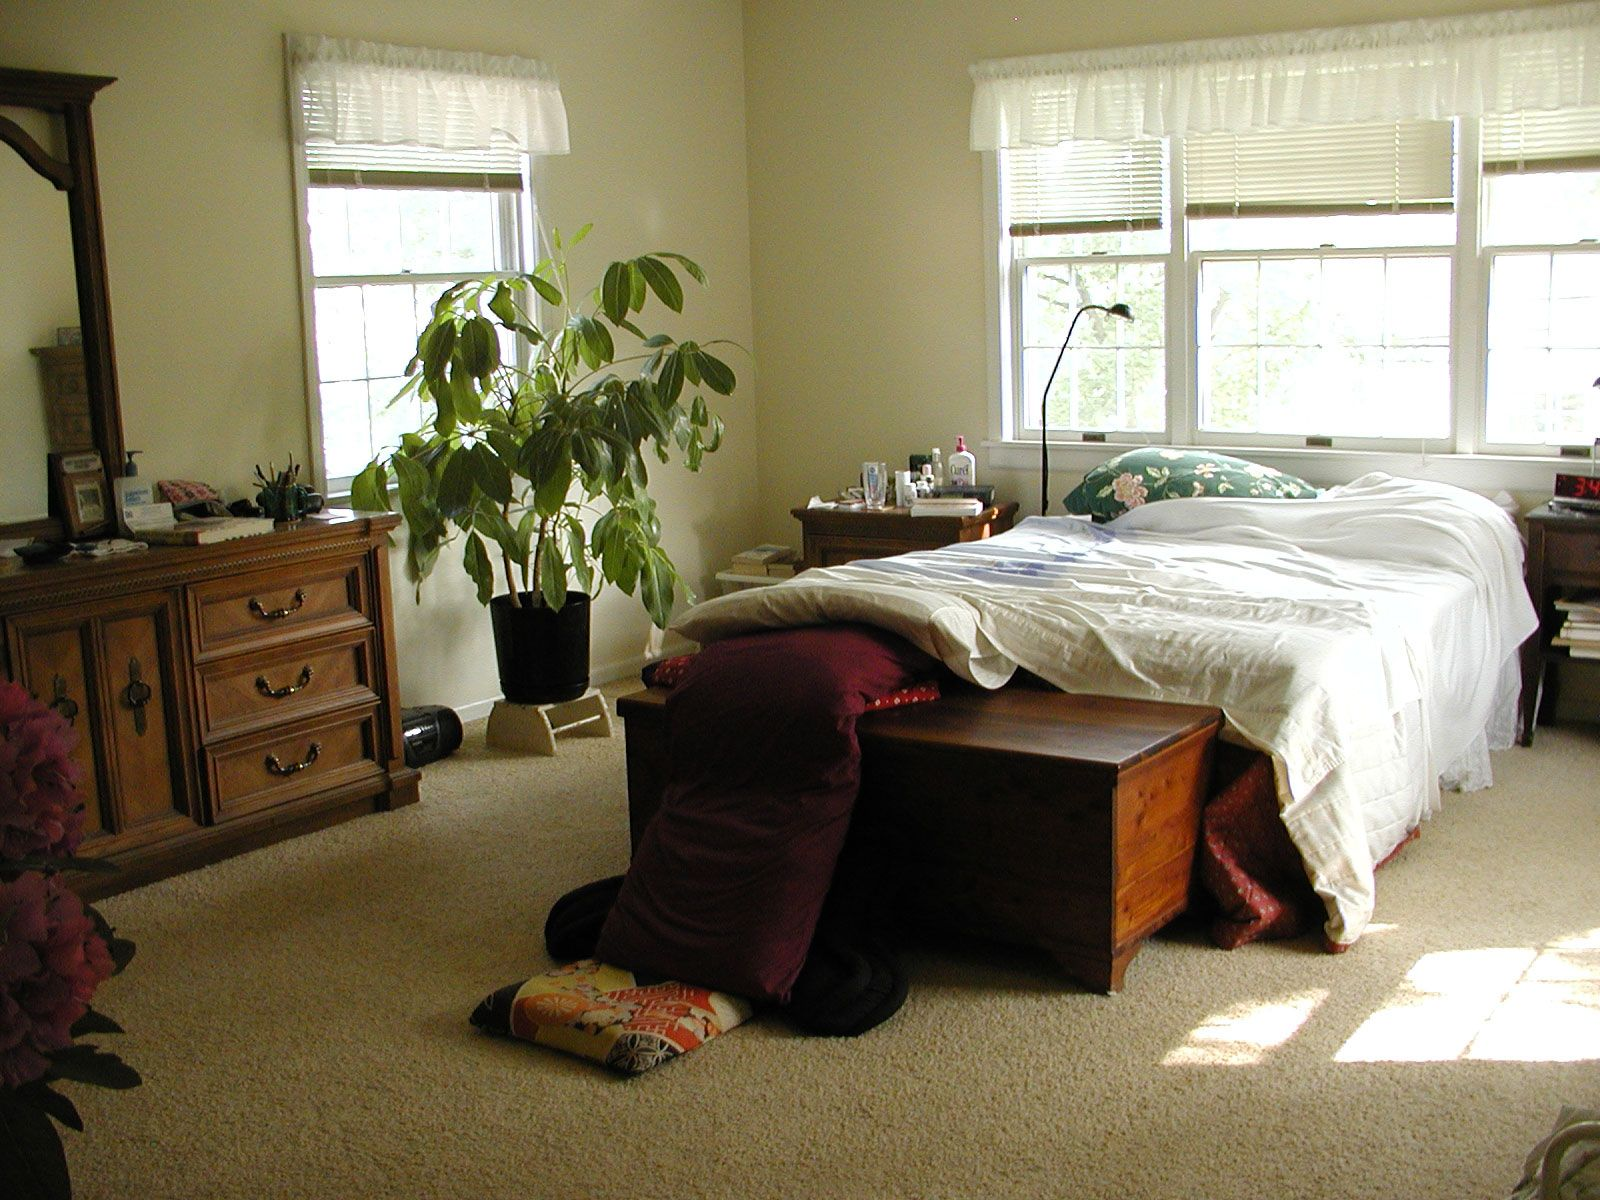 Coordinating Mismatched Bedroom Furniture